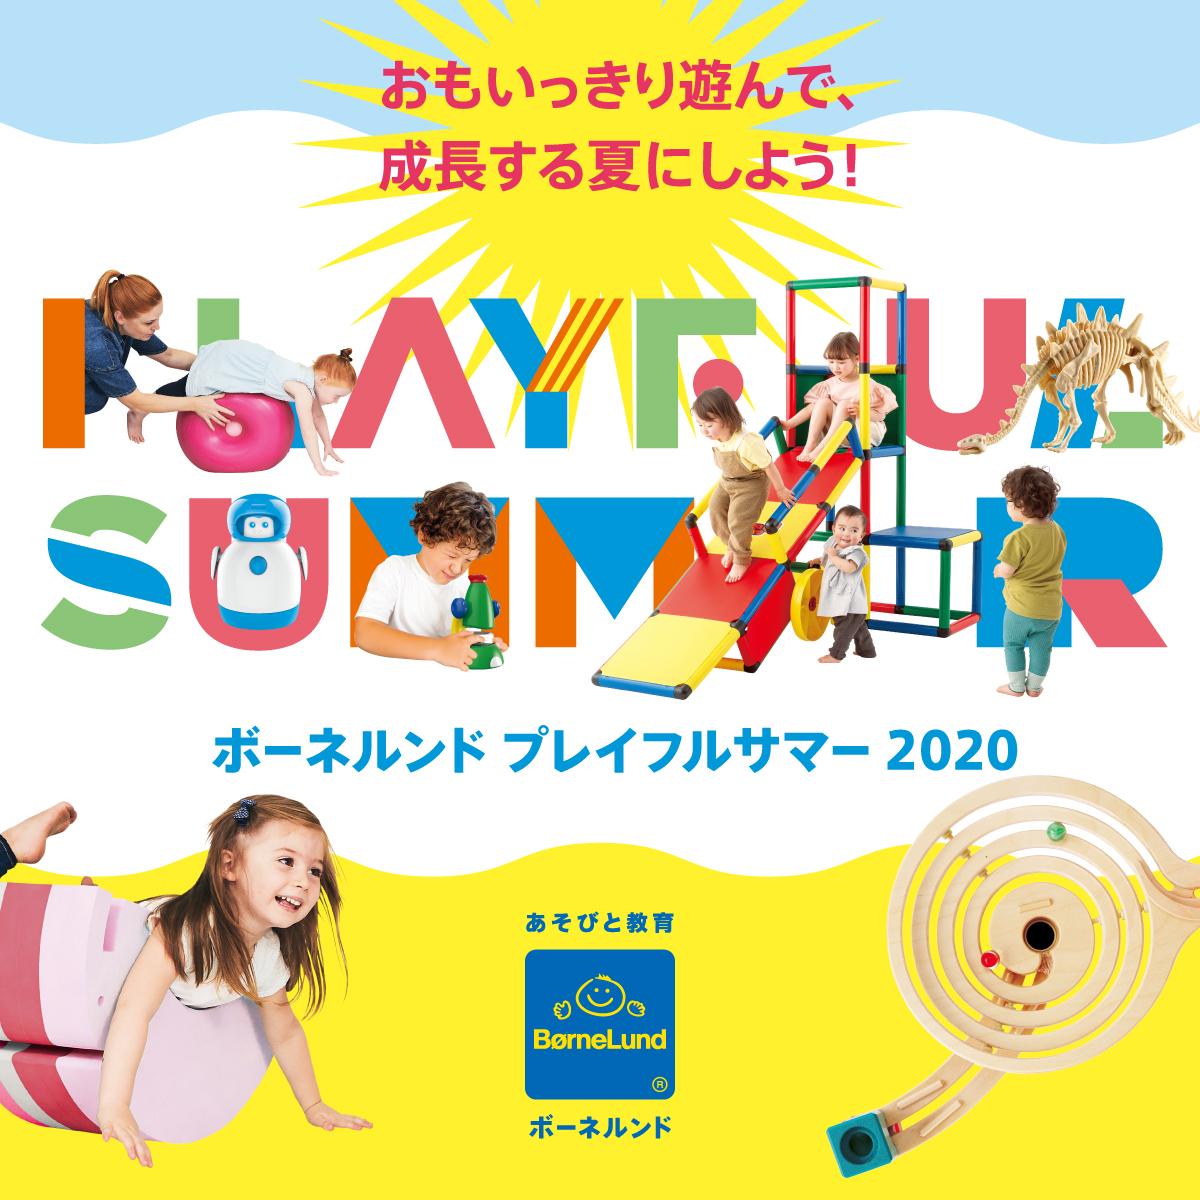 ボーネルンド PLAYFUL SUMMER 2020 ~おもいっきり遊んで、成長する夏にしよう!~